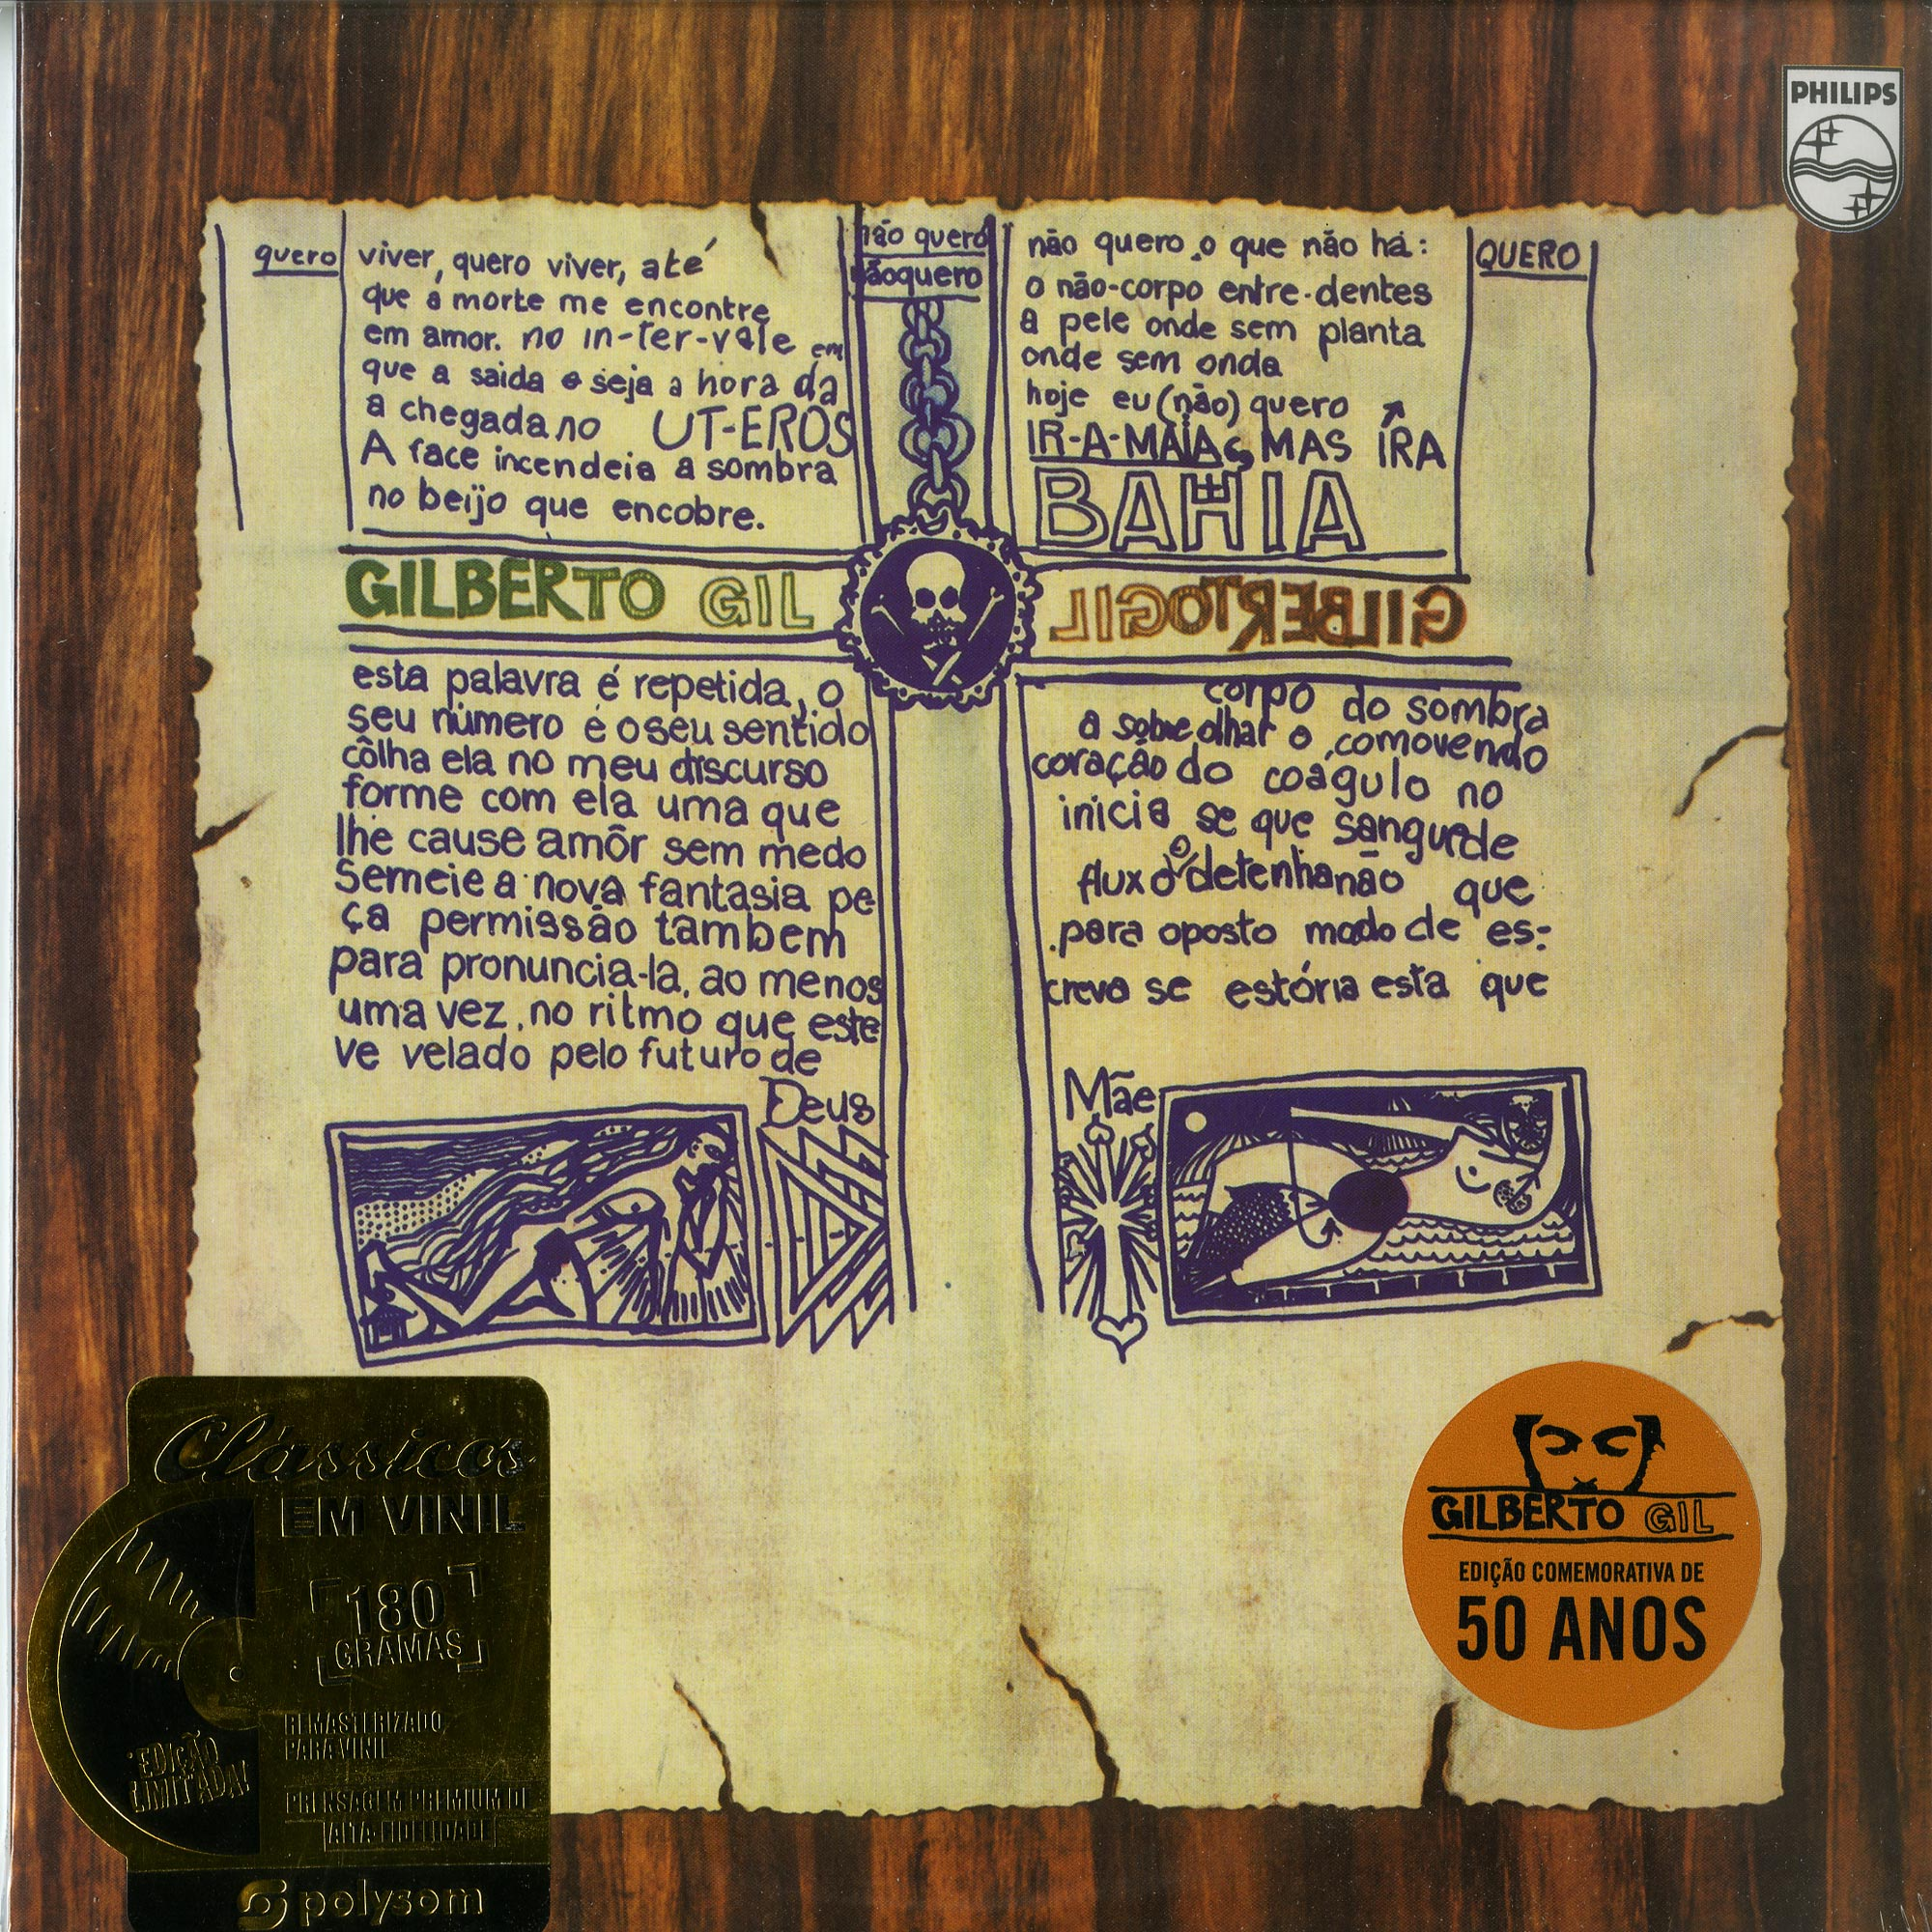 Gilberto Gil - GILBERTO GIL